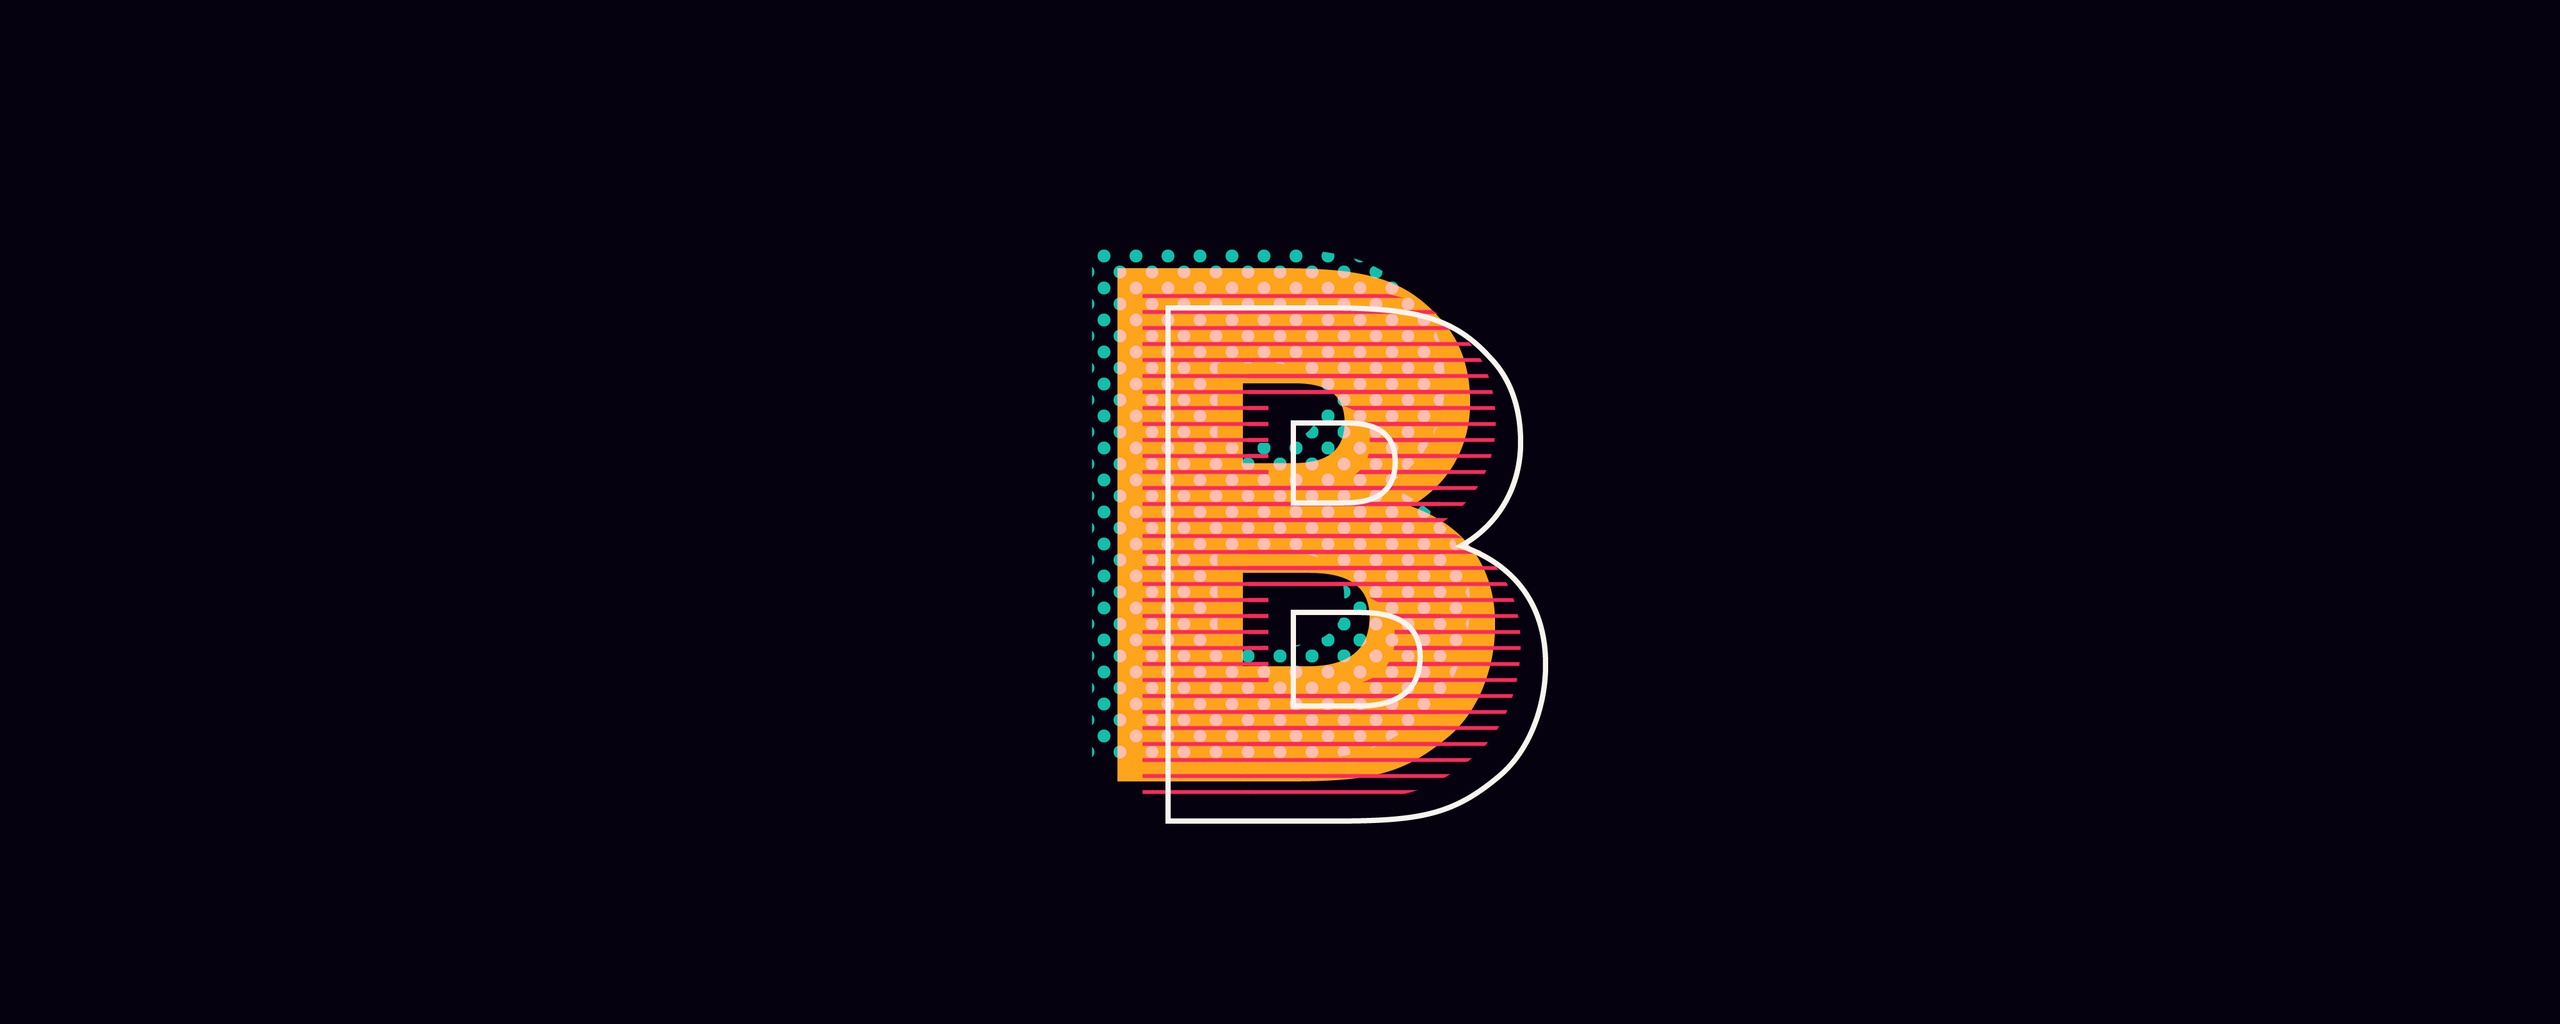 b-alphabet-logo-4k-eh.jpg